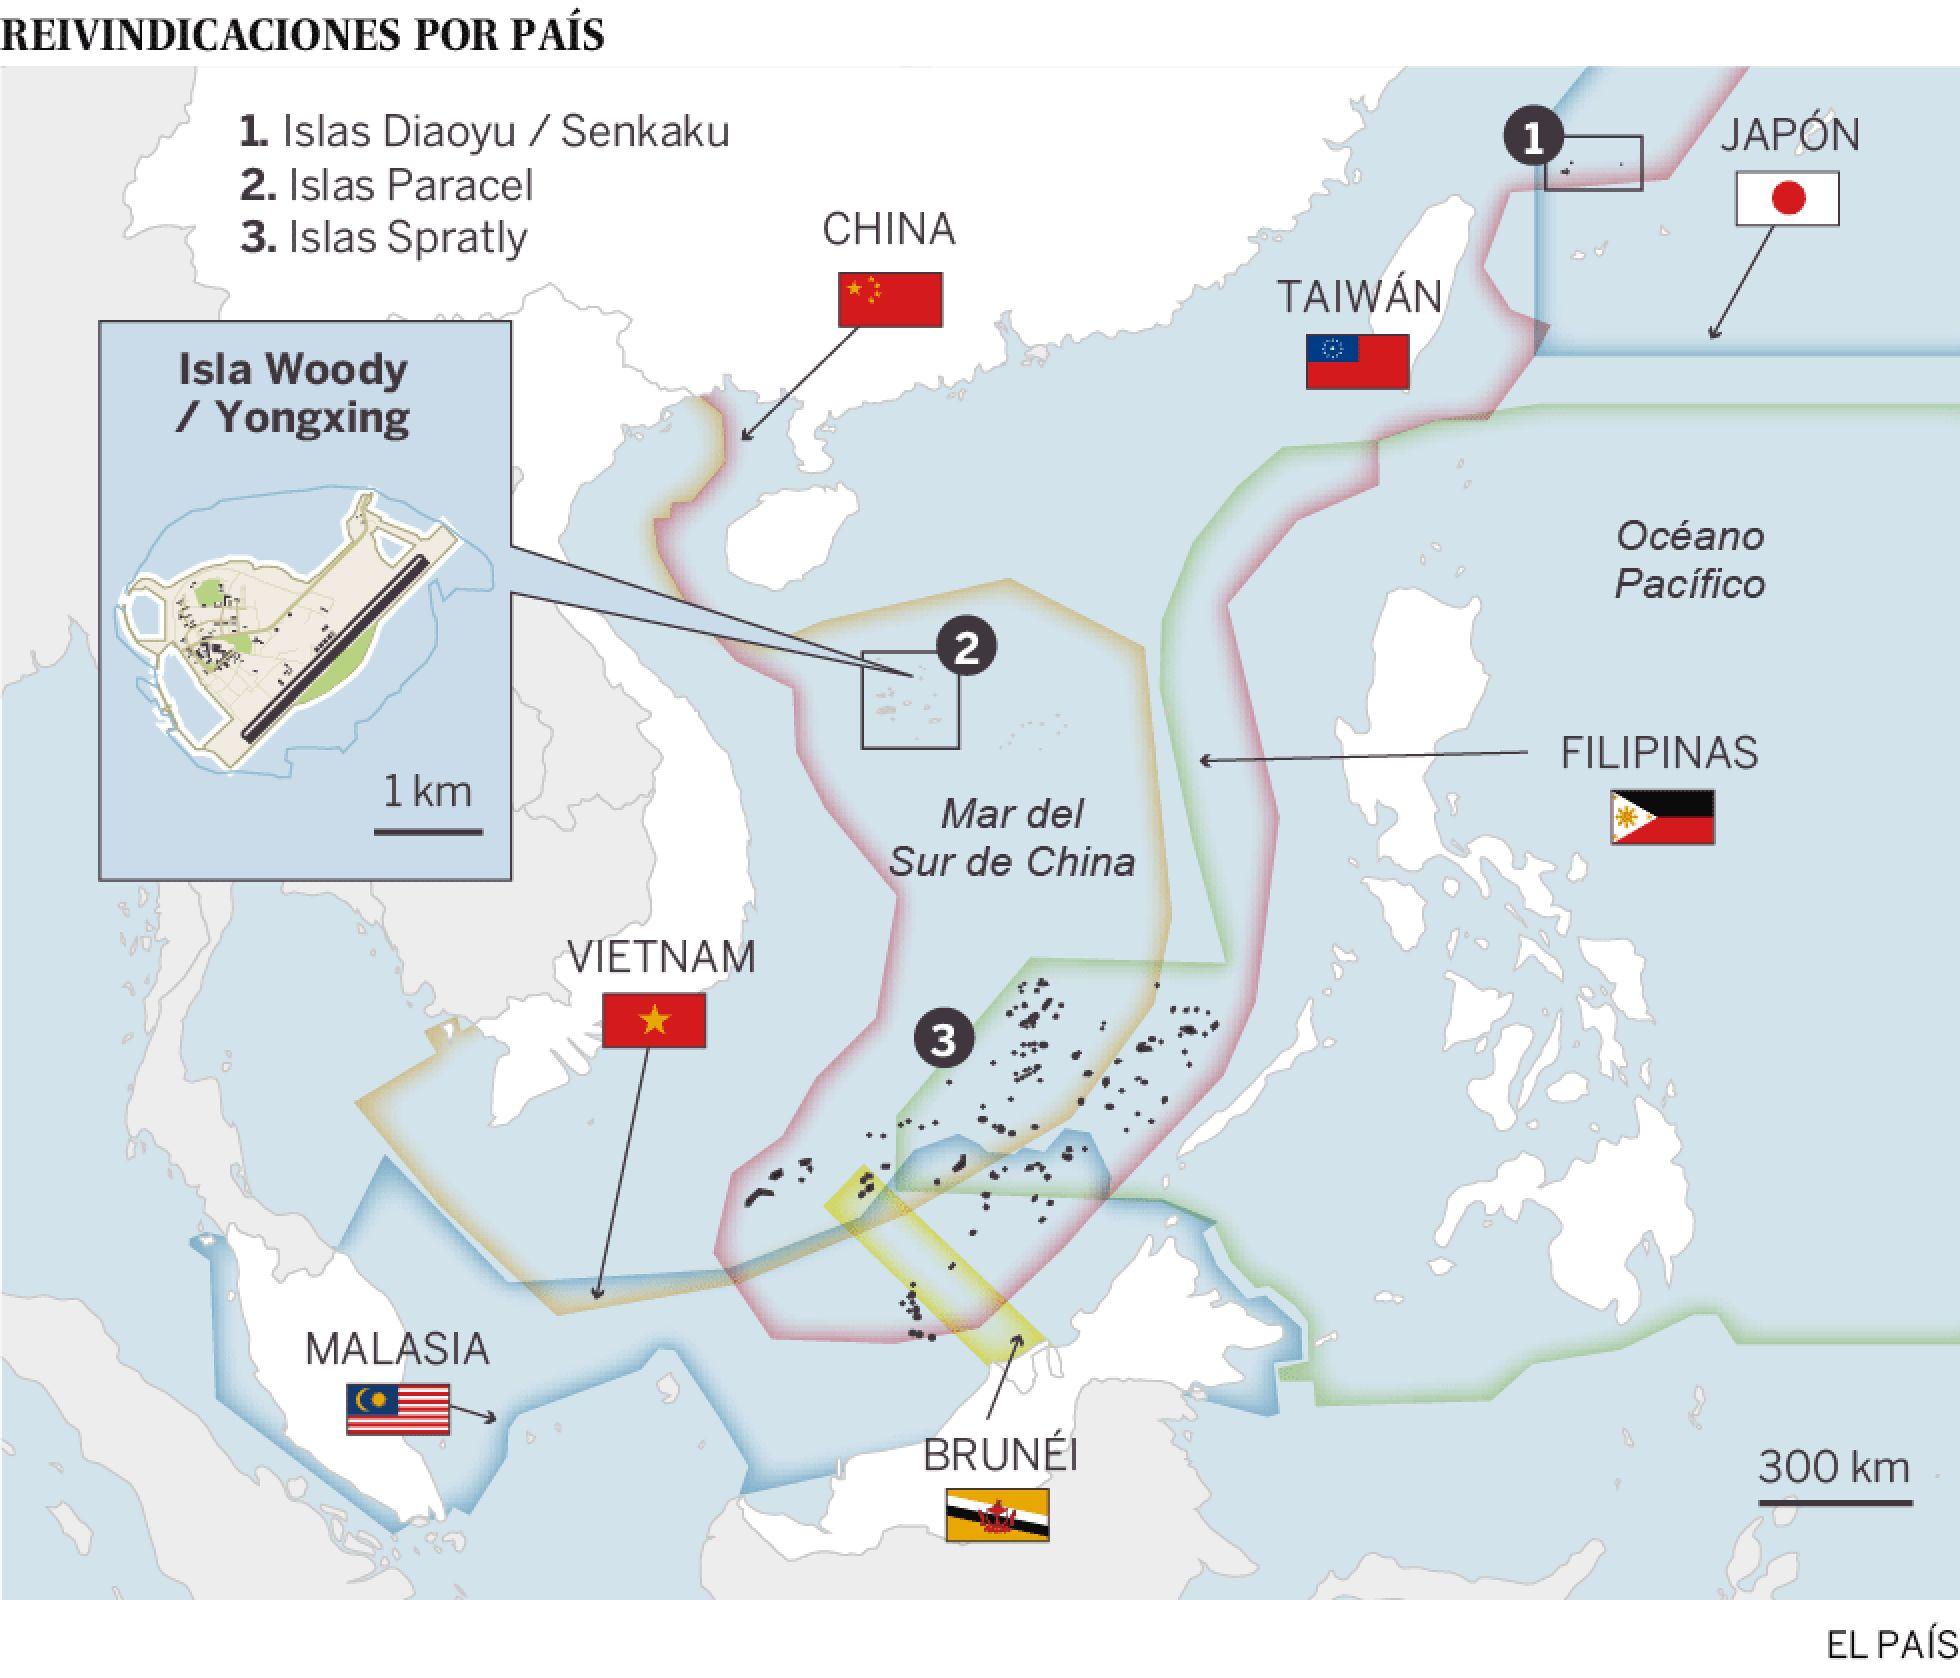 Mares de China: Petróleo, gas y archipiélagos. - Página 2 1455693117_672670_1455740788_sumario_normal_recorte1